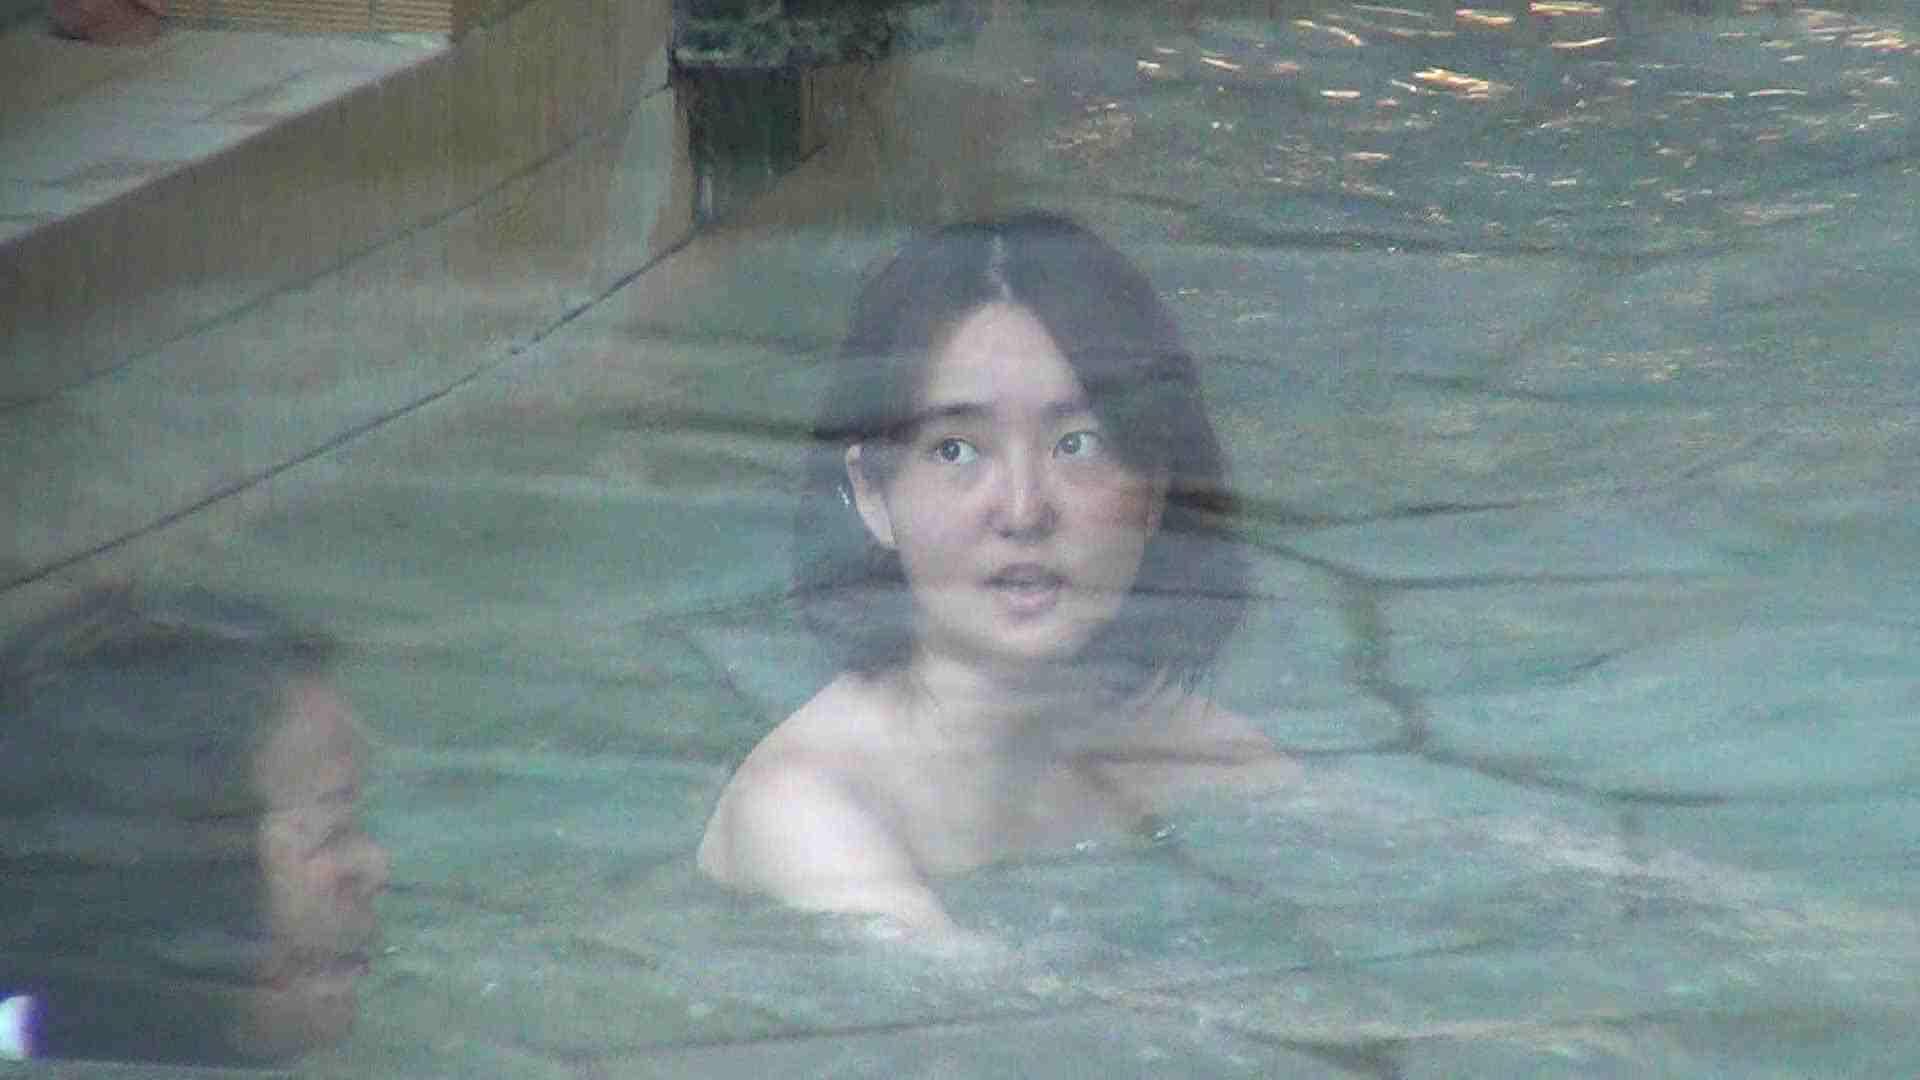 Aquaな露天風呂Vol.297 OLエロ画像 | 盗撮  99PICs 79